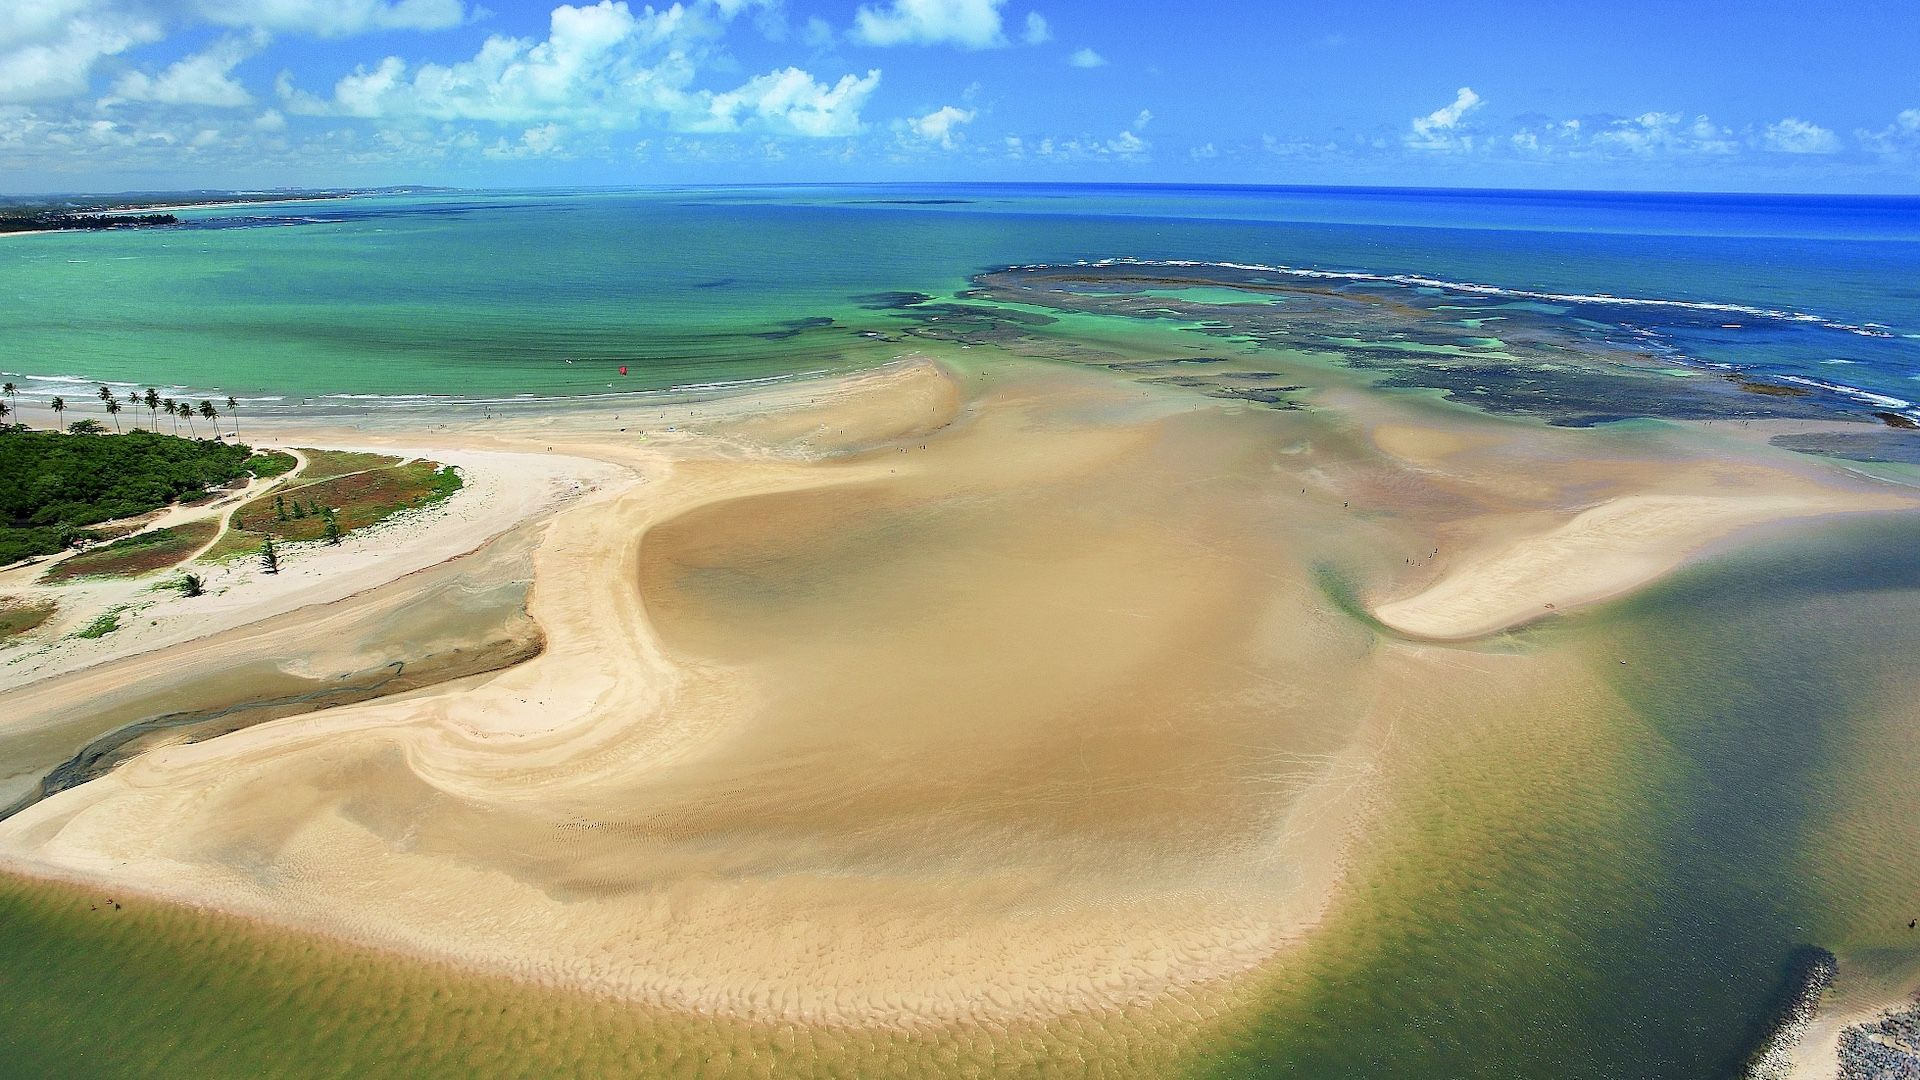 Porto de Galinhas elegida como la mejor playa del nordeste de Brasil